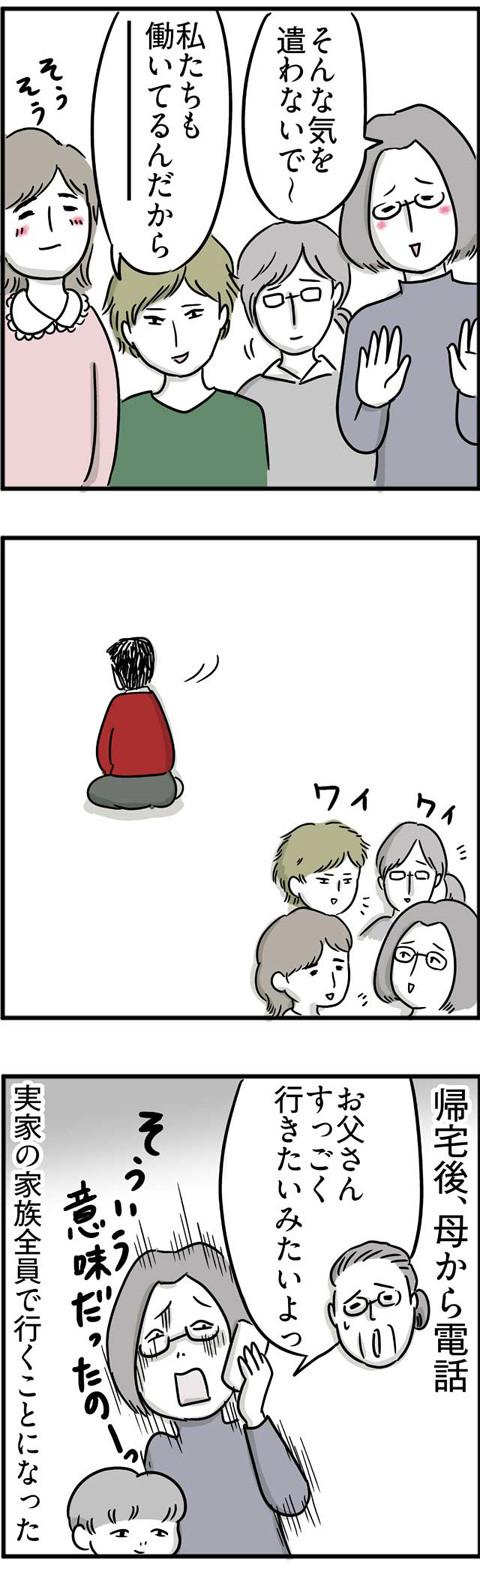 86お出かけの計画_02